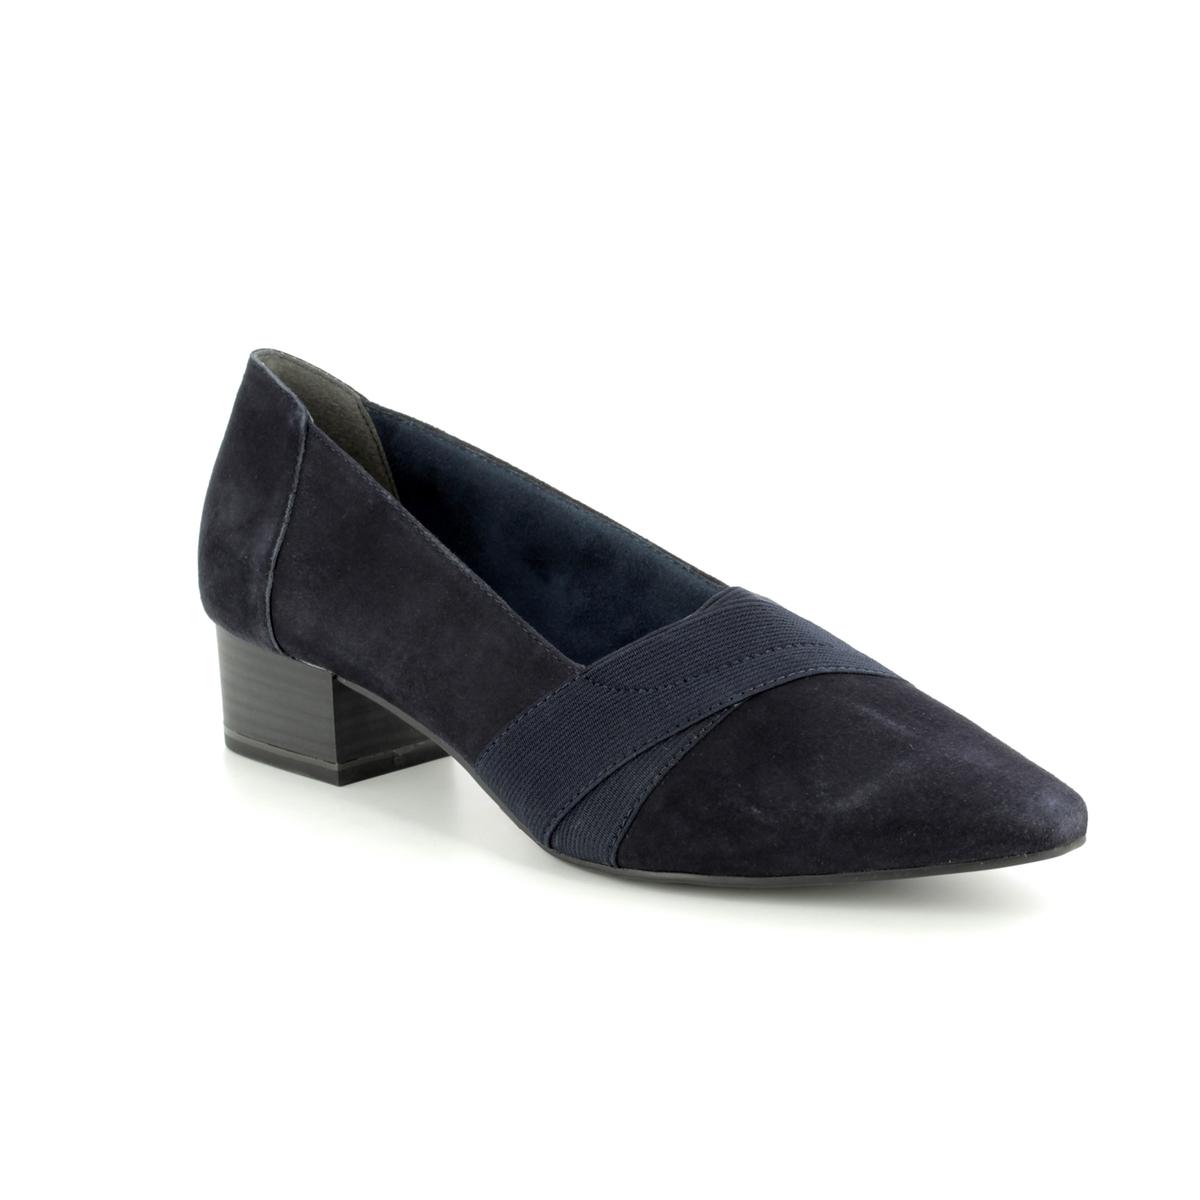 a1928a30059046 Tamaris Heeled Shoes - Navy - 24418 30 805 MUNG